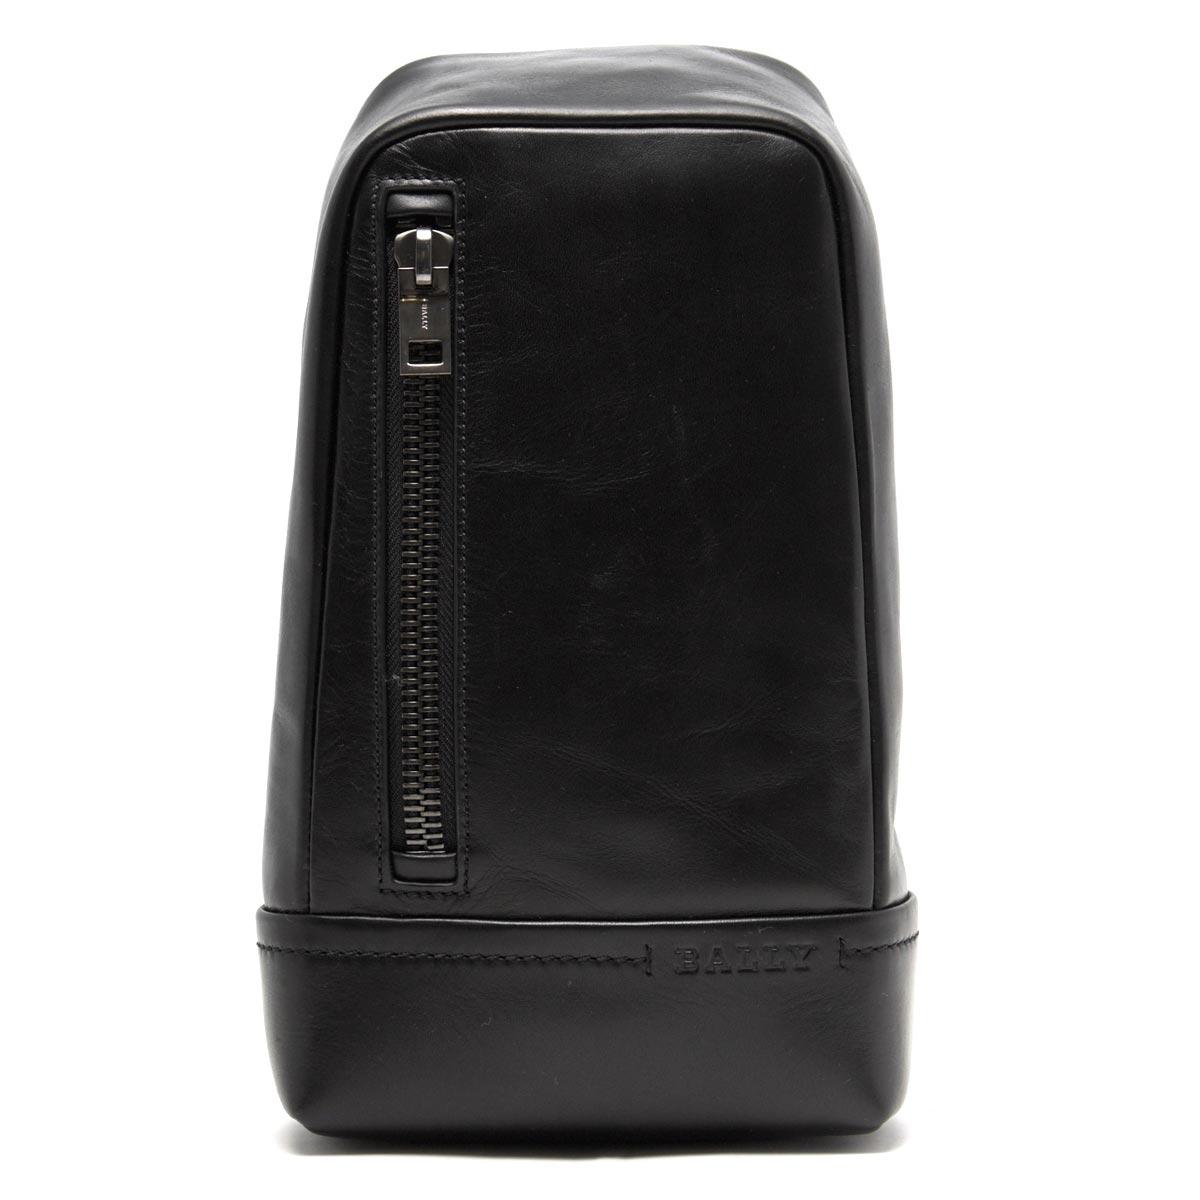 【最大3万円割引クーポン 11/01~】バリー ボディバッグ バッグ メンズ タニス TANIS ブラック TANIS 380 6214323 BALLY